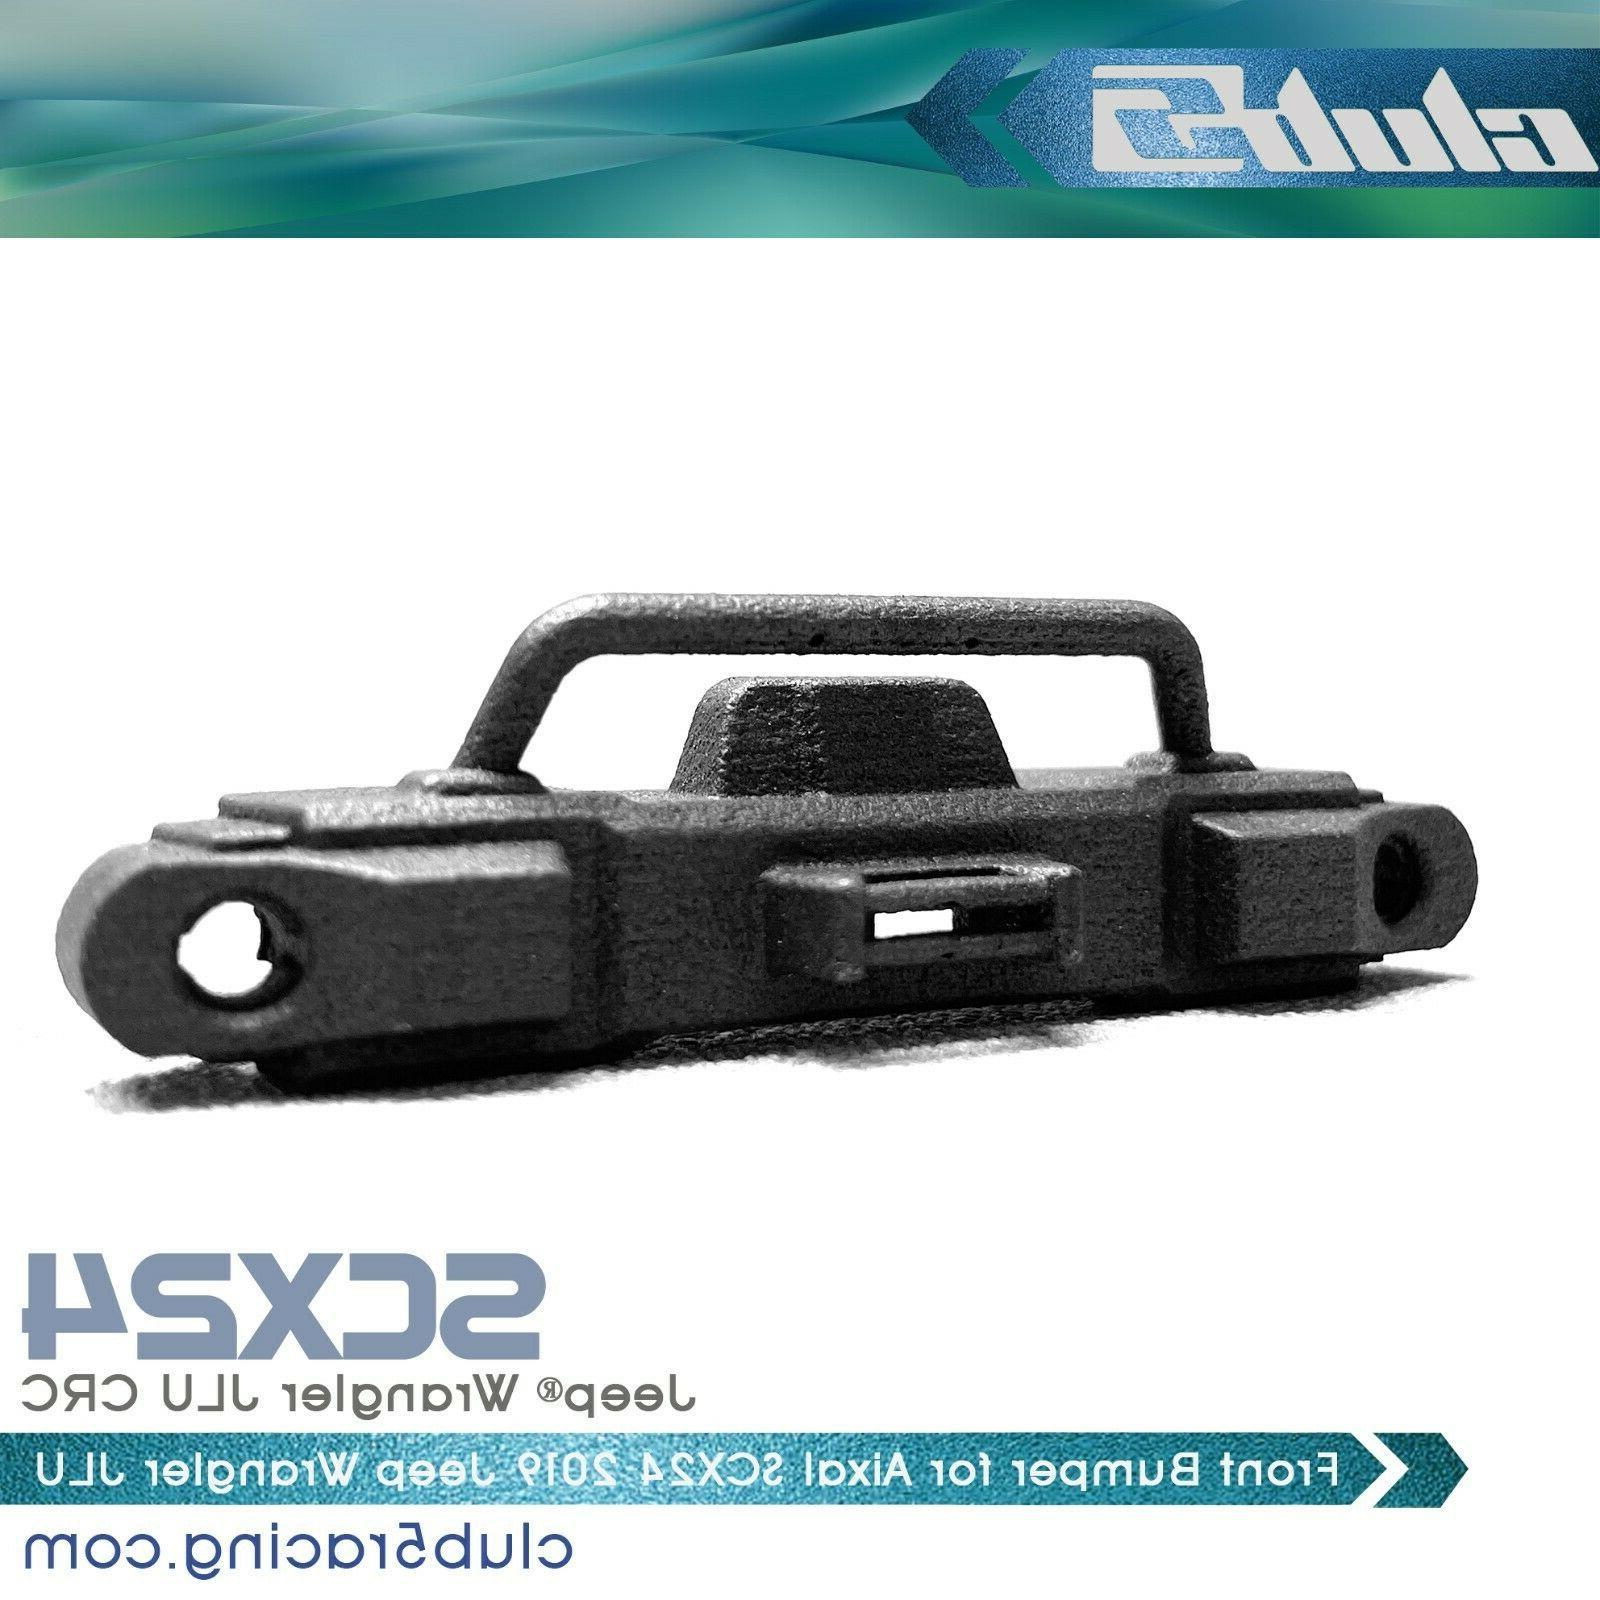 front rubicon bumper for scx24 2019 jeep